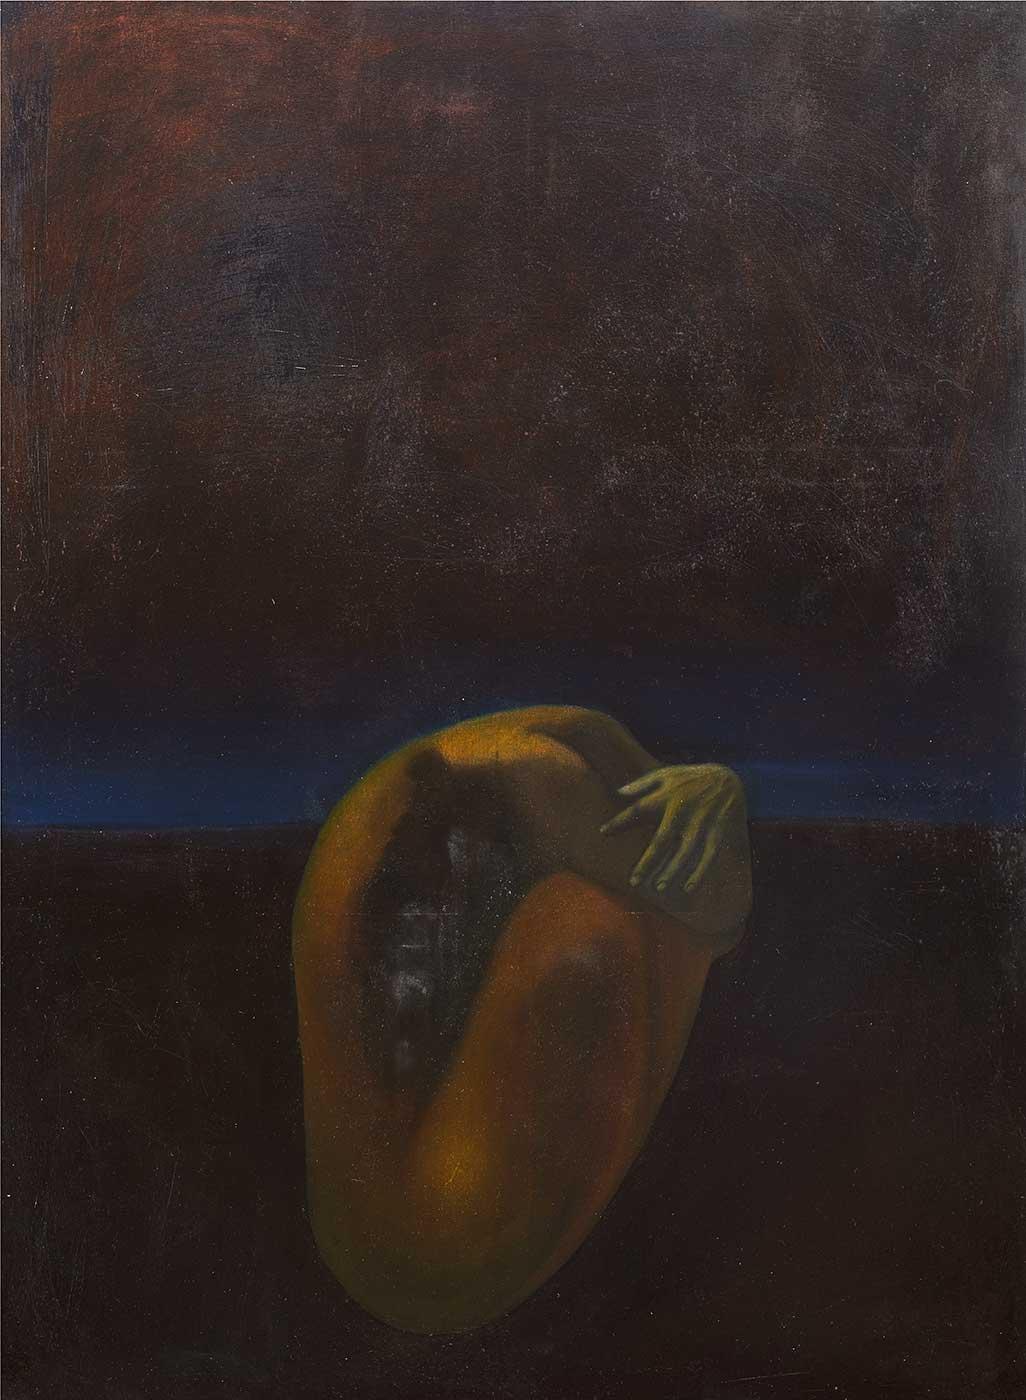 Behnam Kamvari - Submission